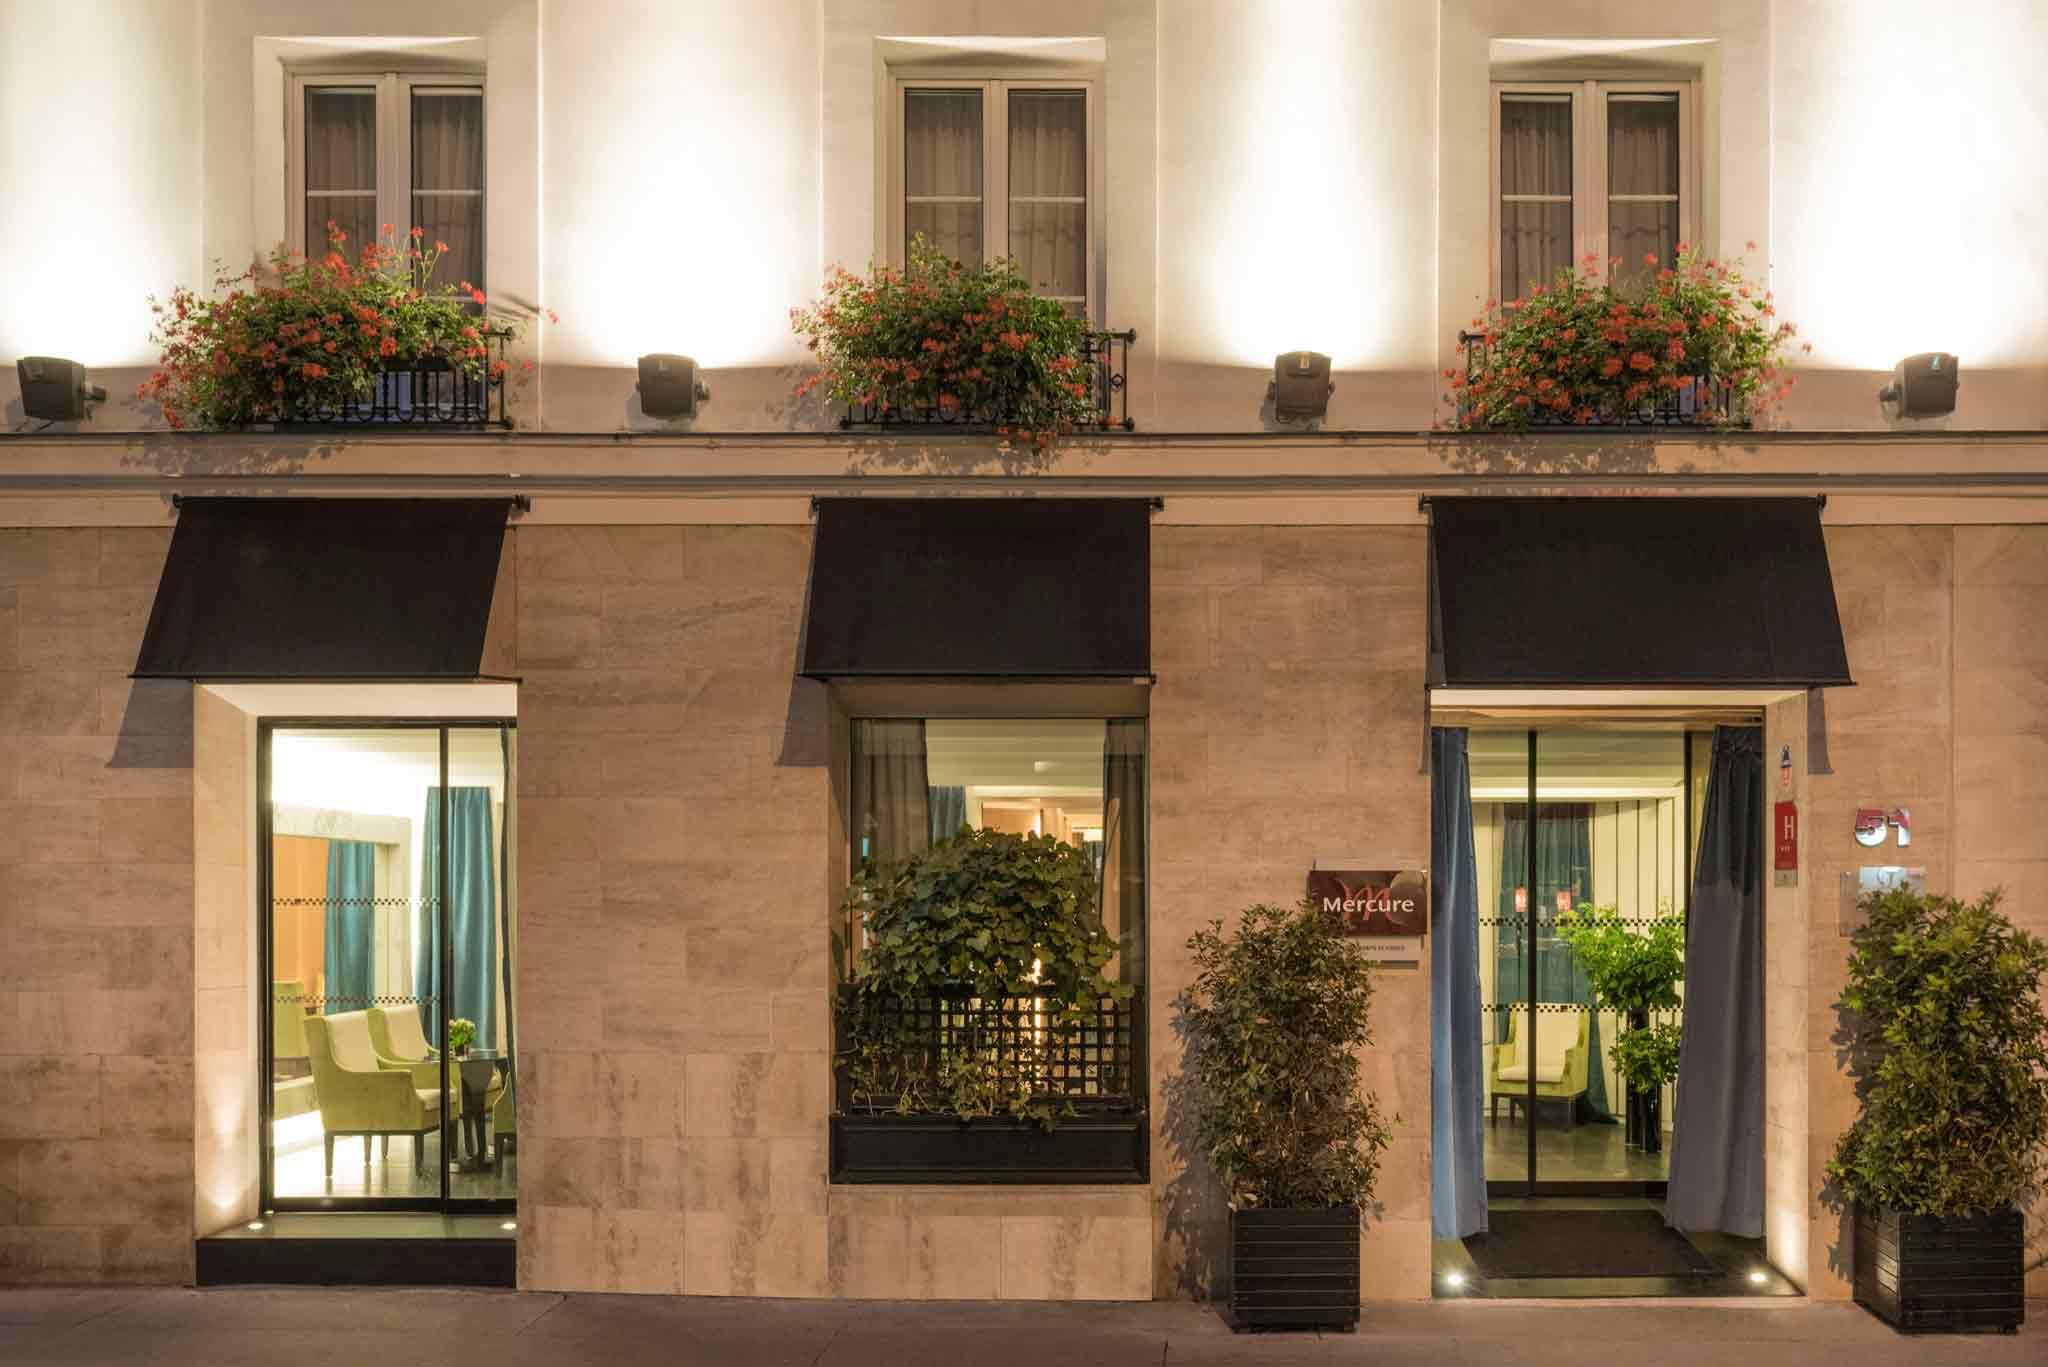 Otel – Mercure Paris Champs Elysées oteli